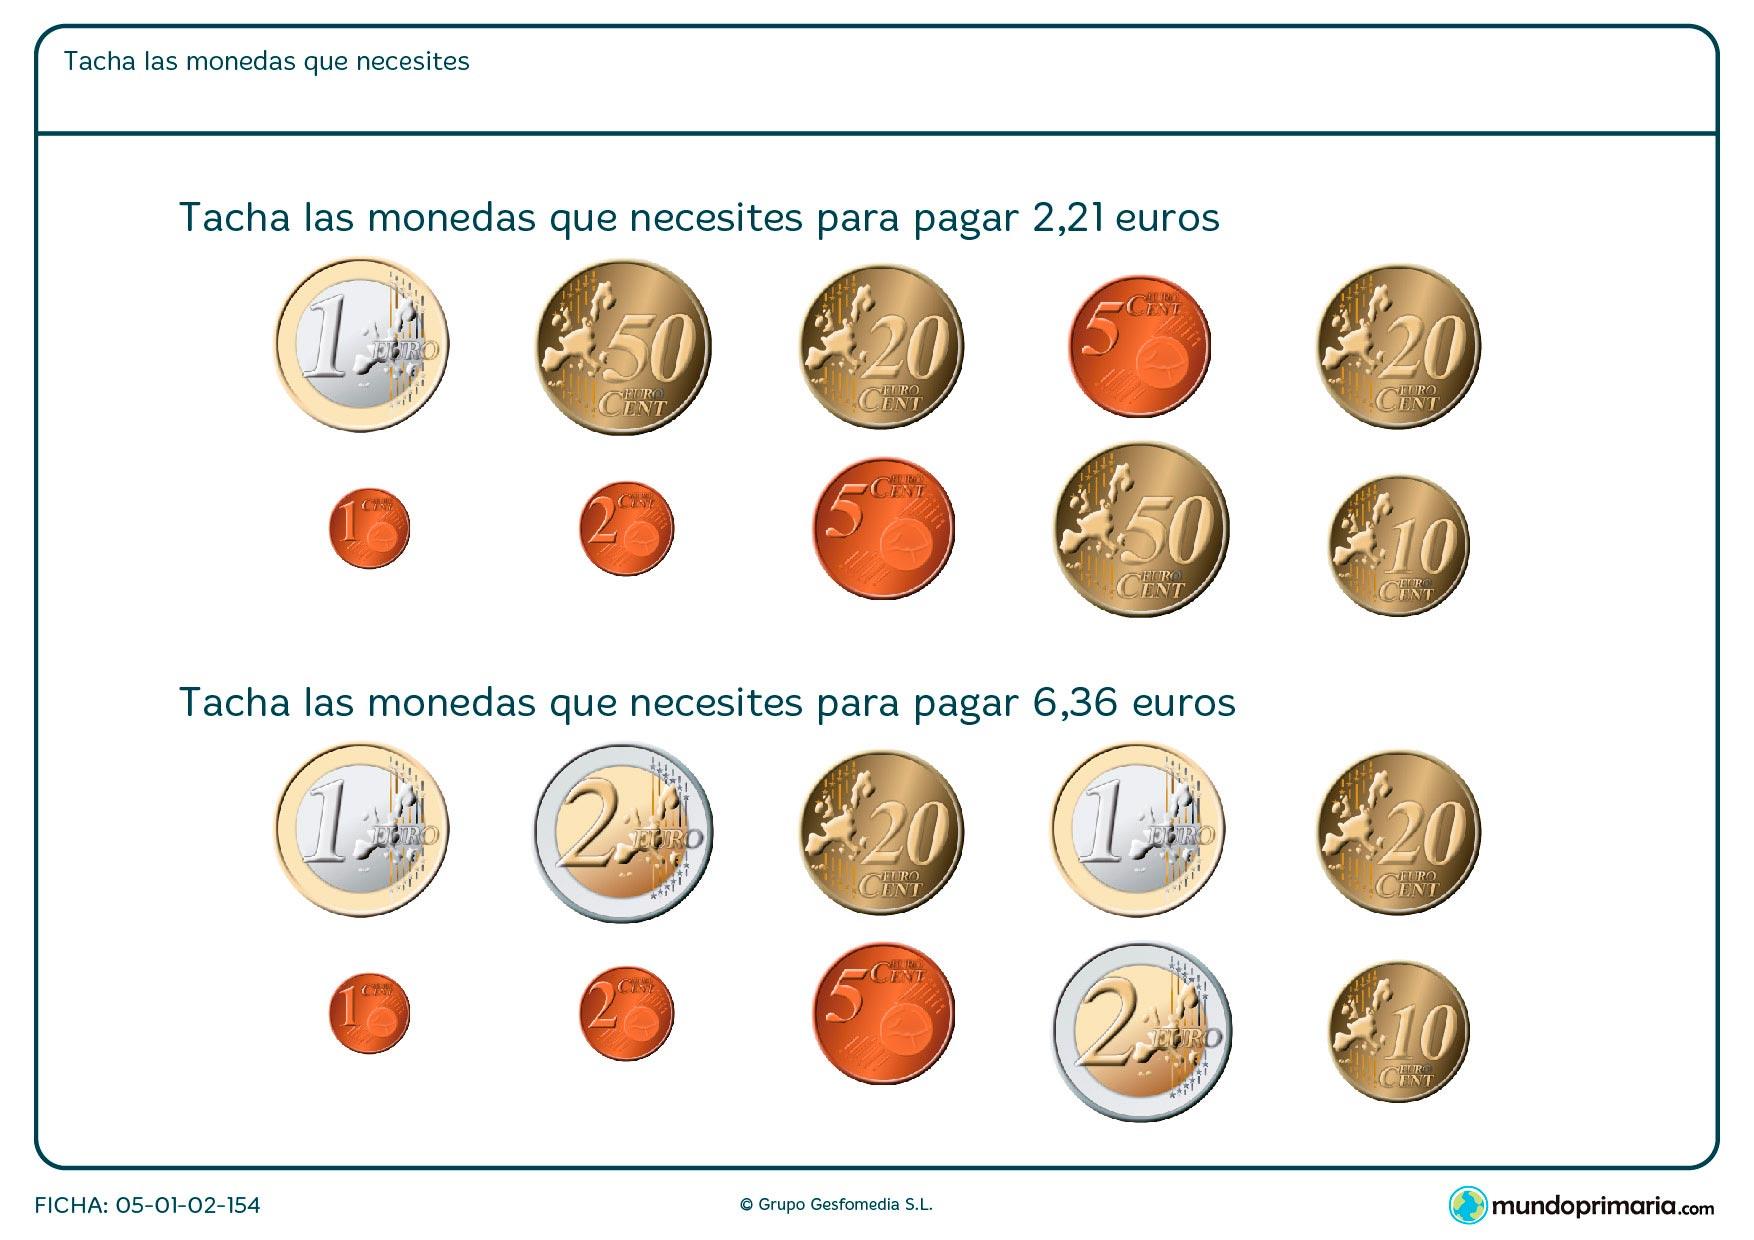 Escoger las monedas que sumen juntas el total de la solución que se pide en euros.